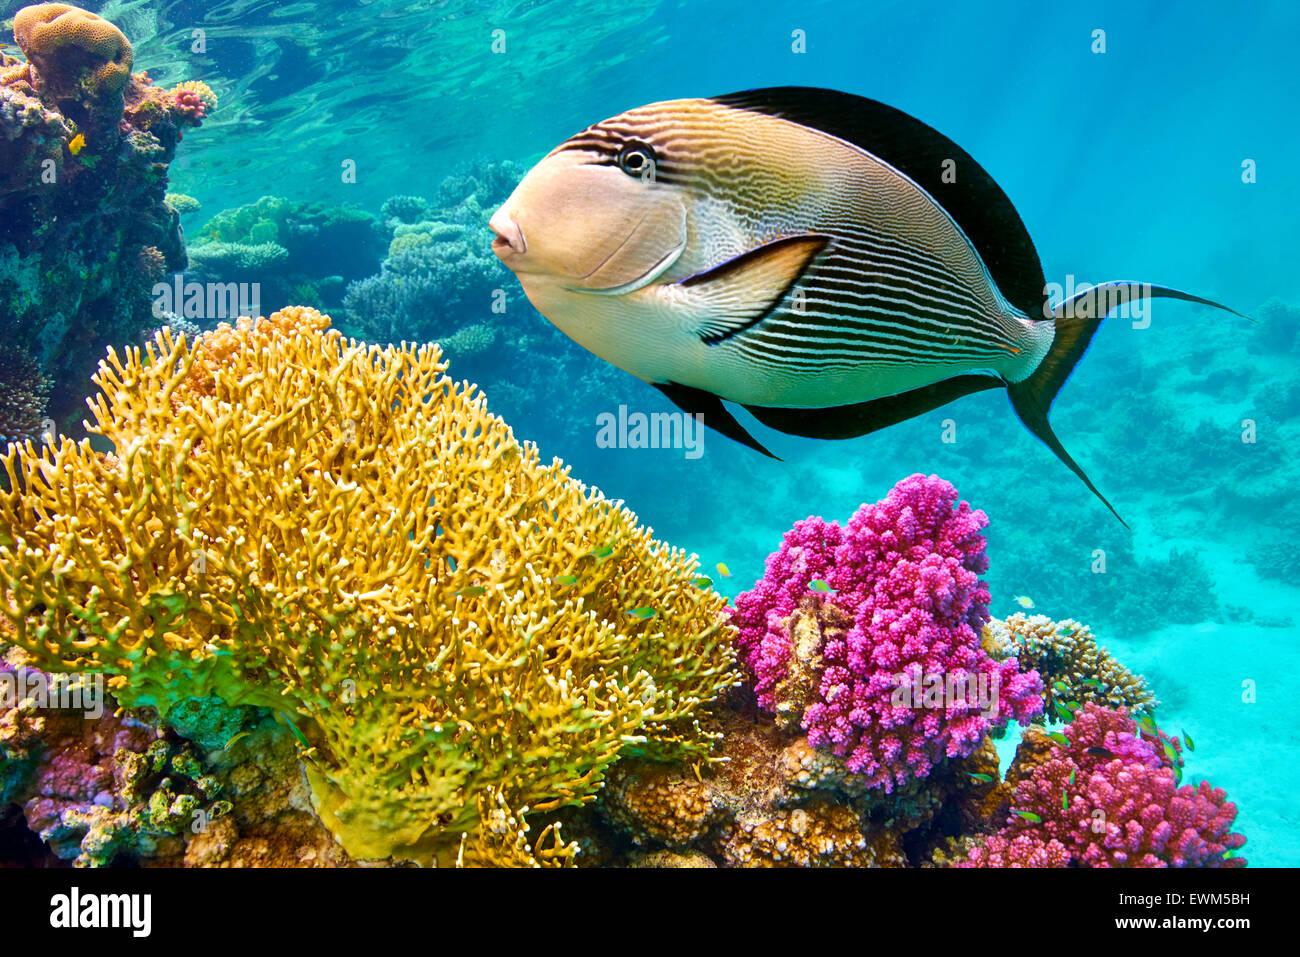 Mar Rojo - vista submarina en el arrecife de coral y peces, Marsa Alam, Egipto Imagen De Stock